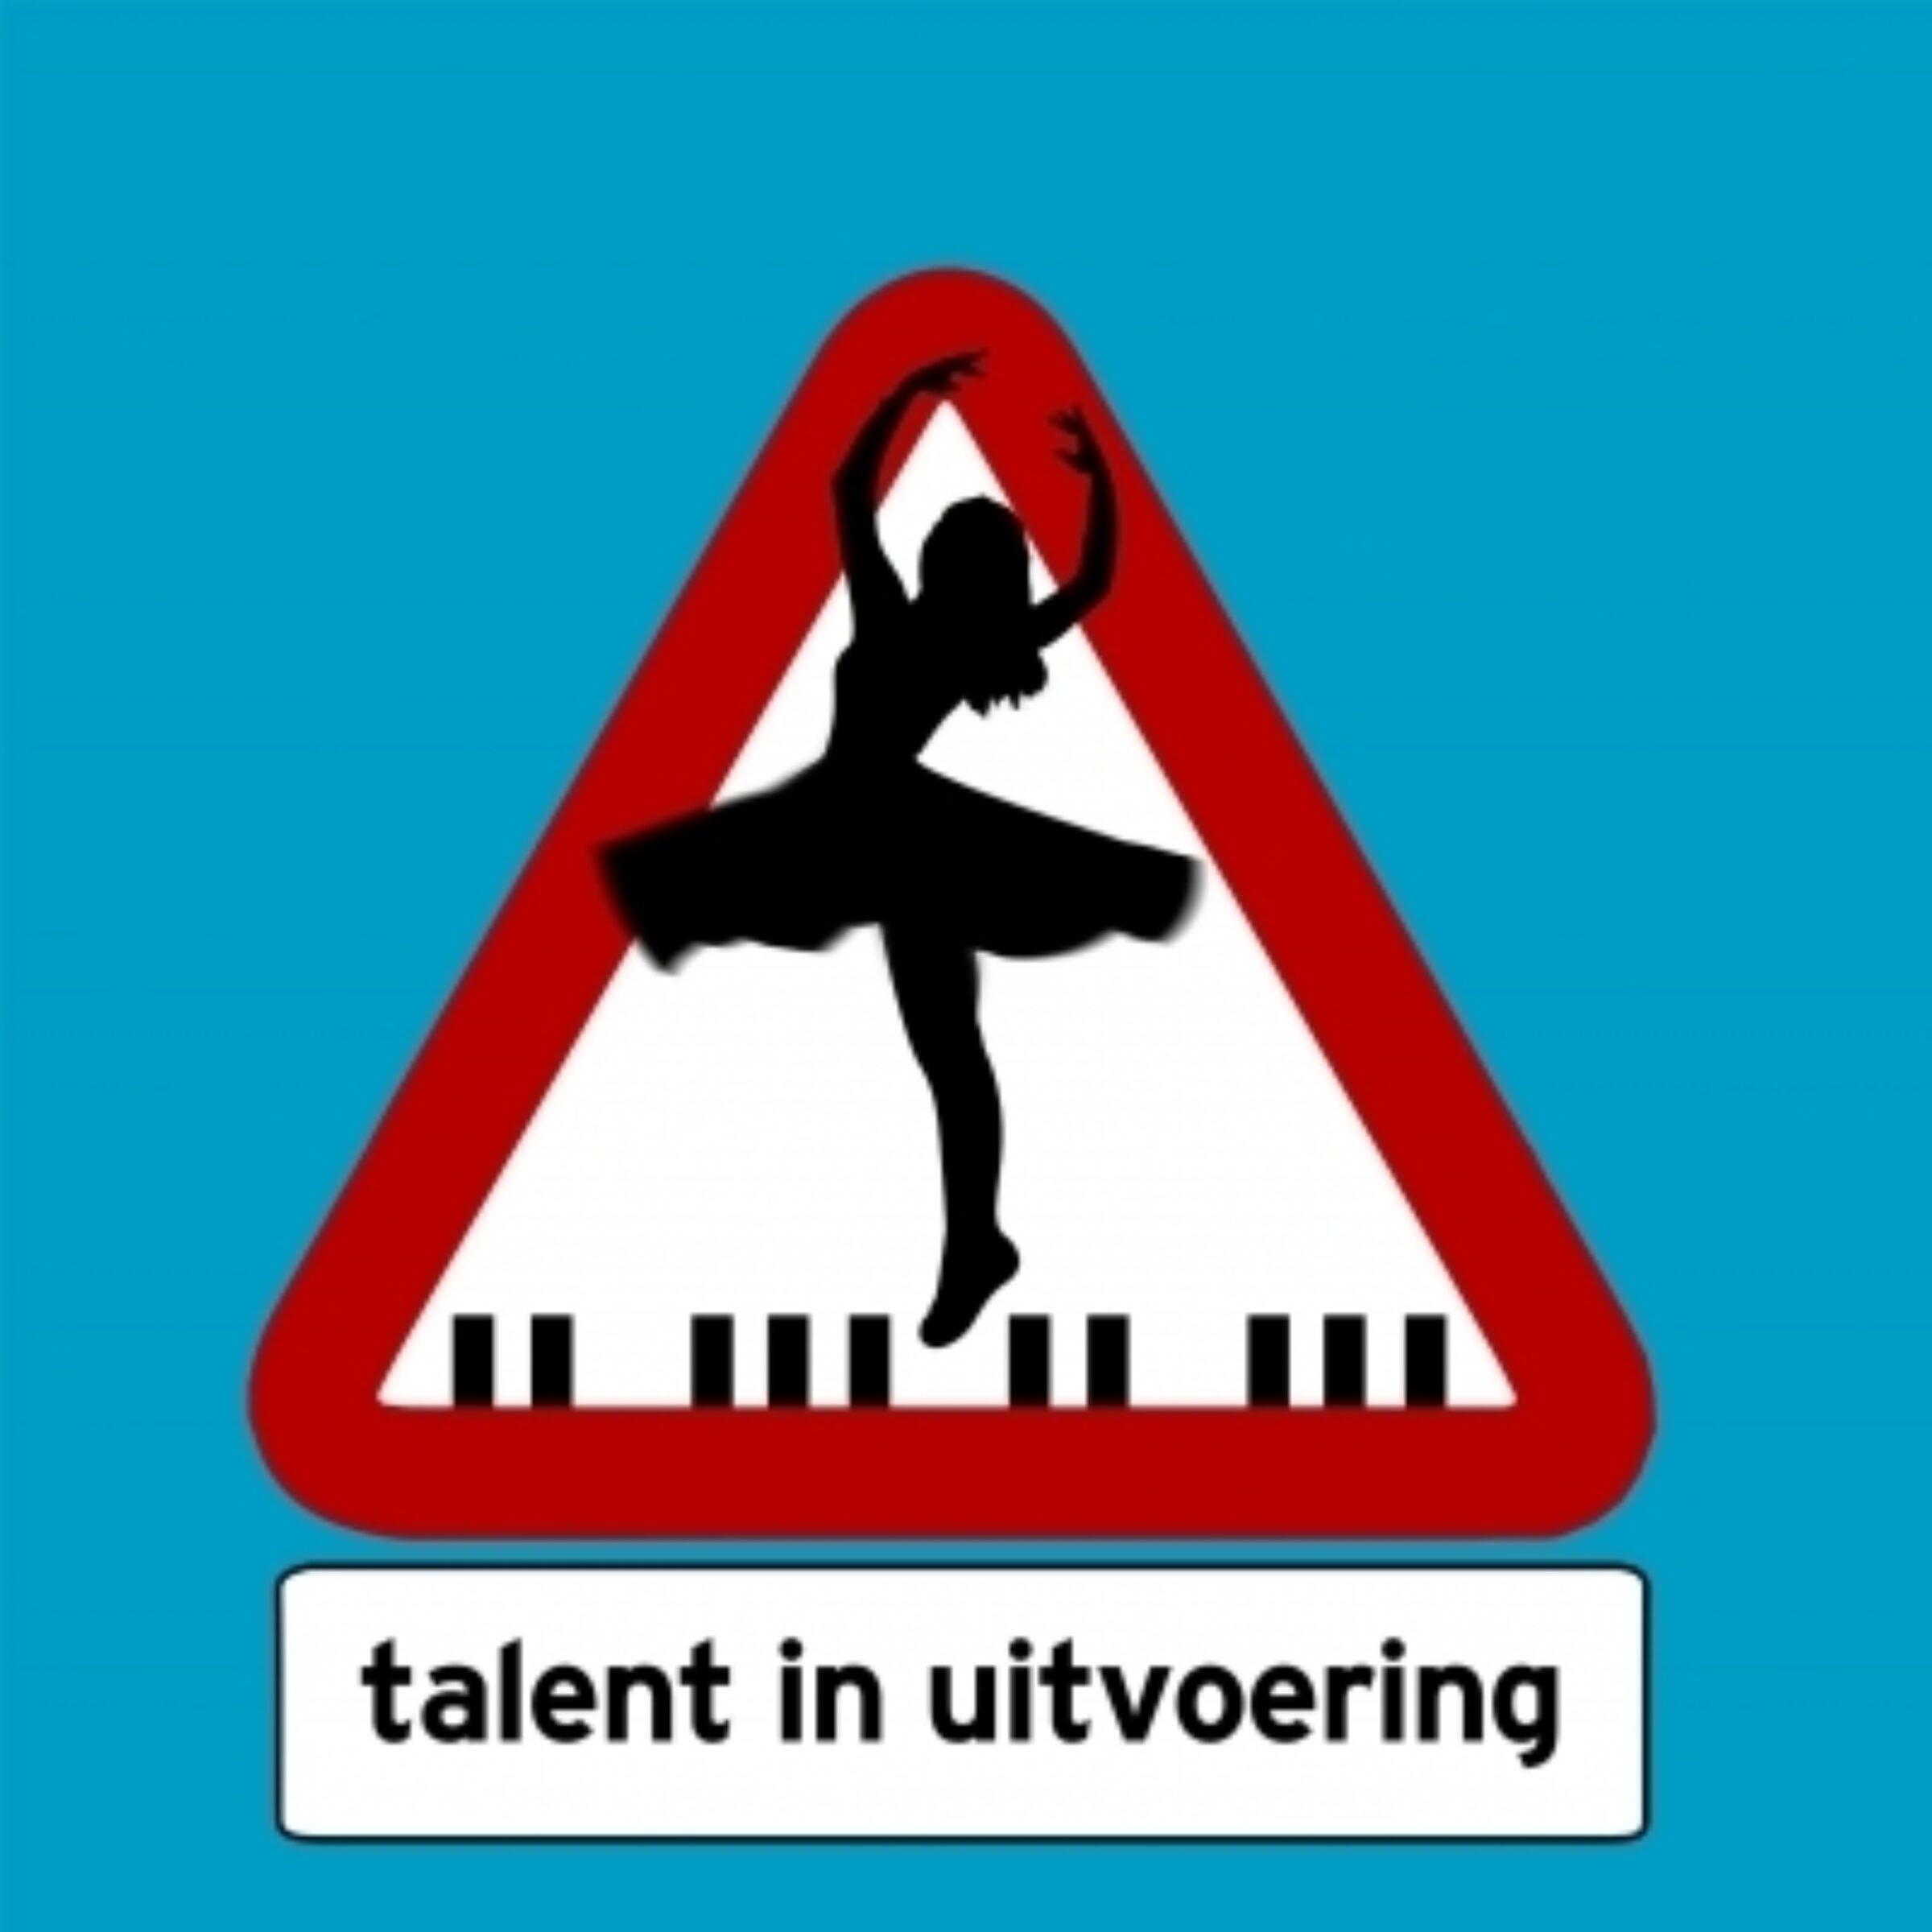 Talent in uitvoering